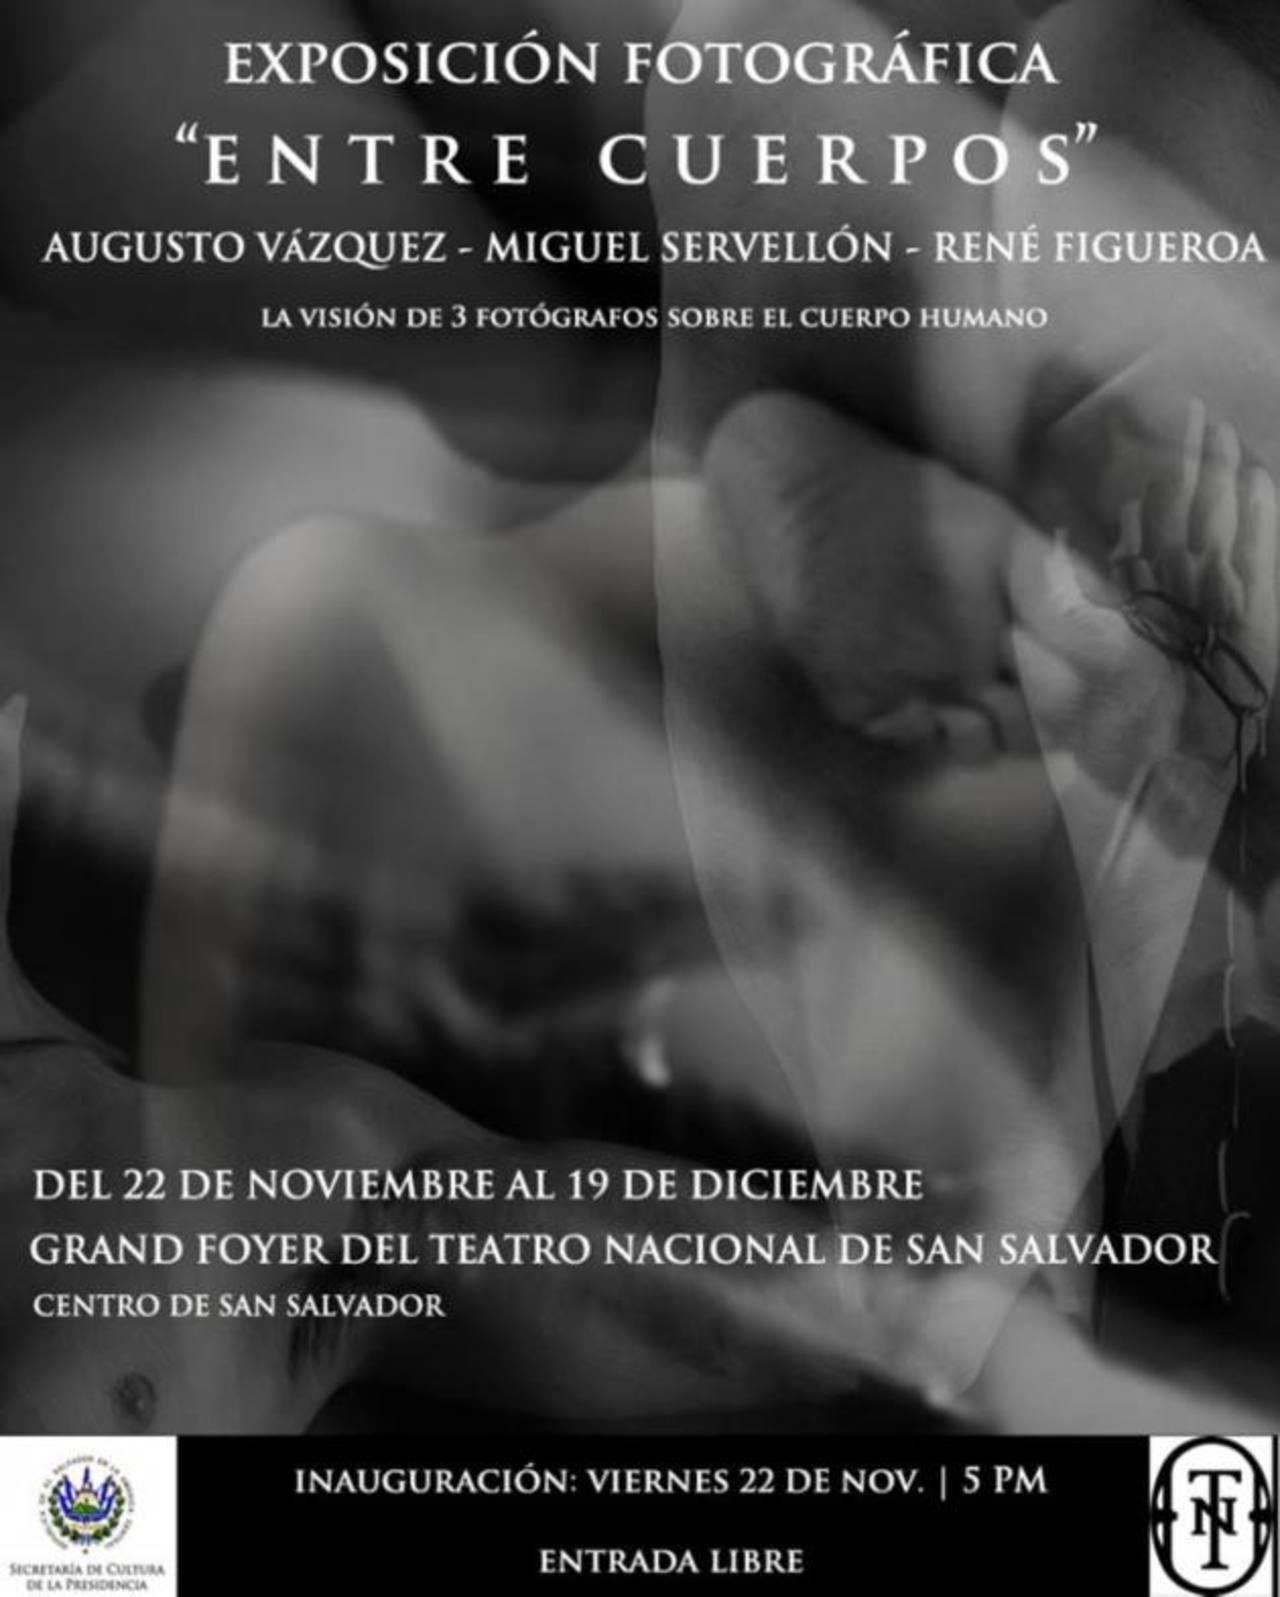 Luces, sombras, cuerpos expuestos, en blanco y negro, integran la exposición que estará abierta hasta el 19 de diciembre.